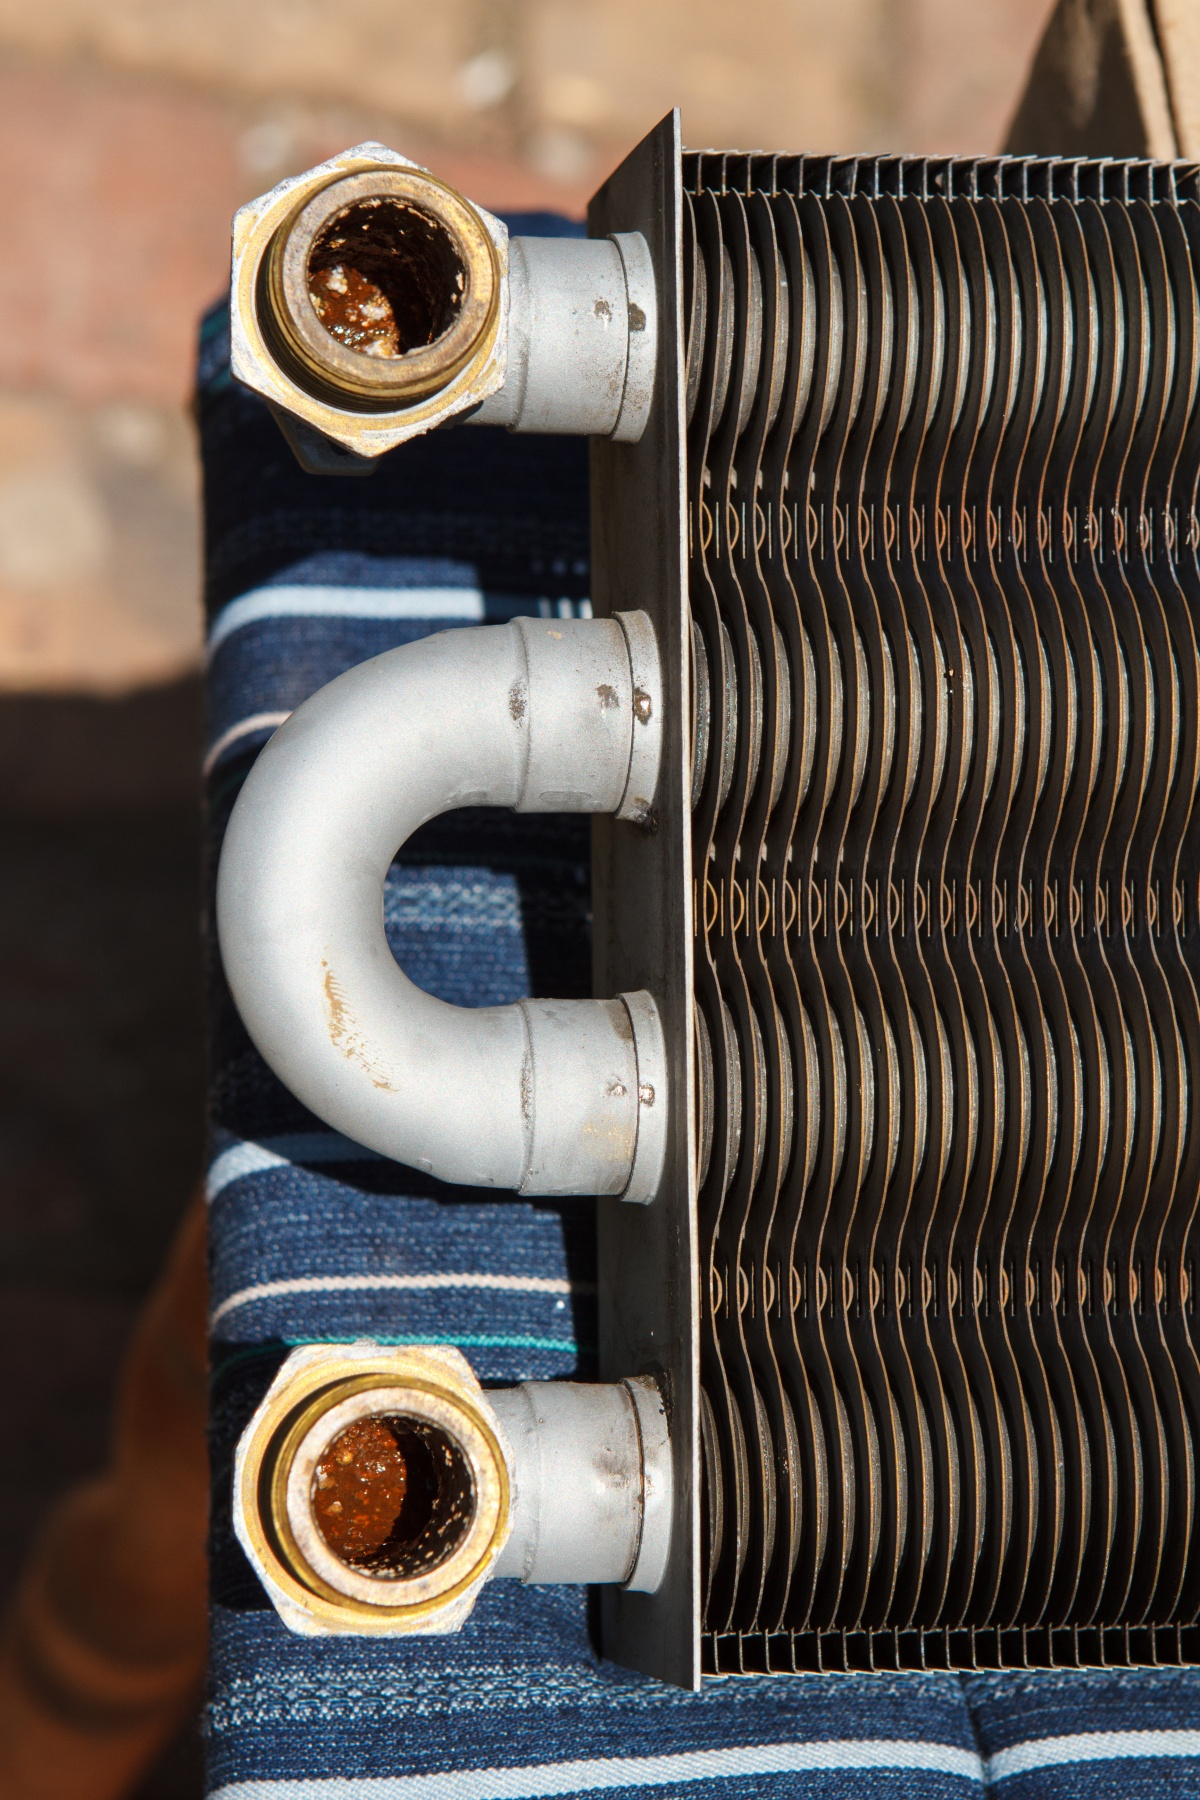 Промывка теплообменников газовых котлов своими руками: технология, средства, периодичность и пошаговая инструкция